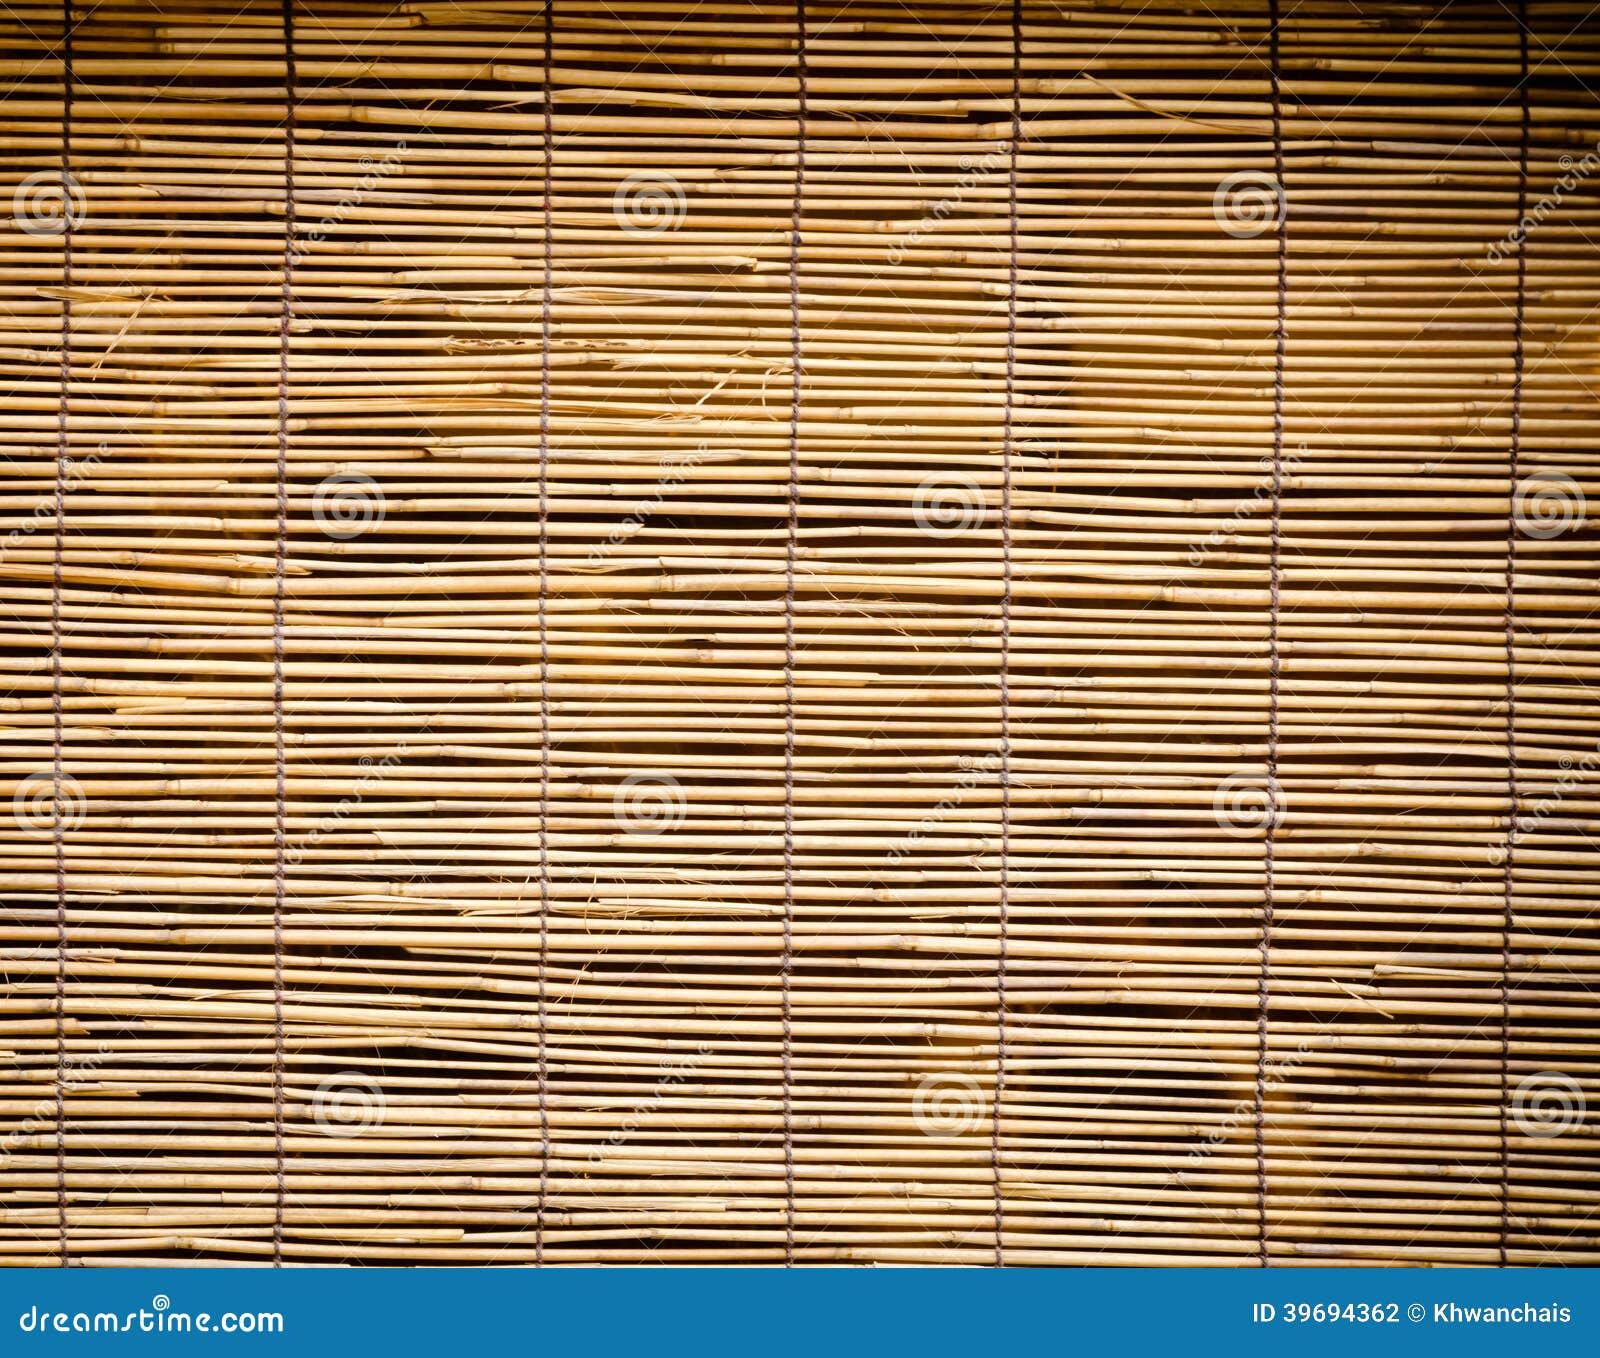 Tenda Di Bambu Fotografia Stock Immagine Di Rattan Retro 39694362